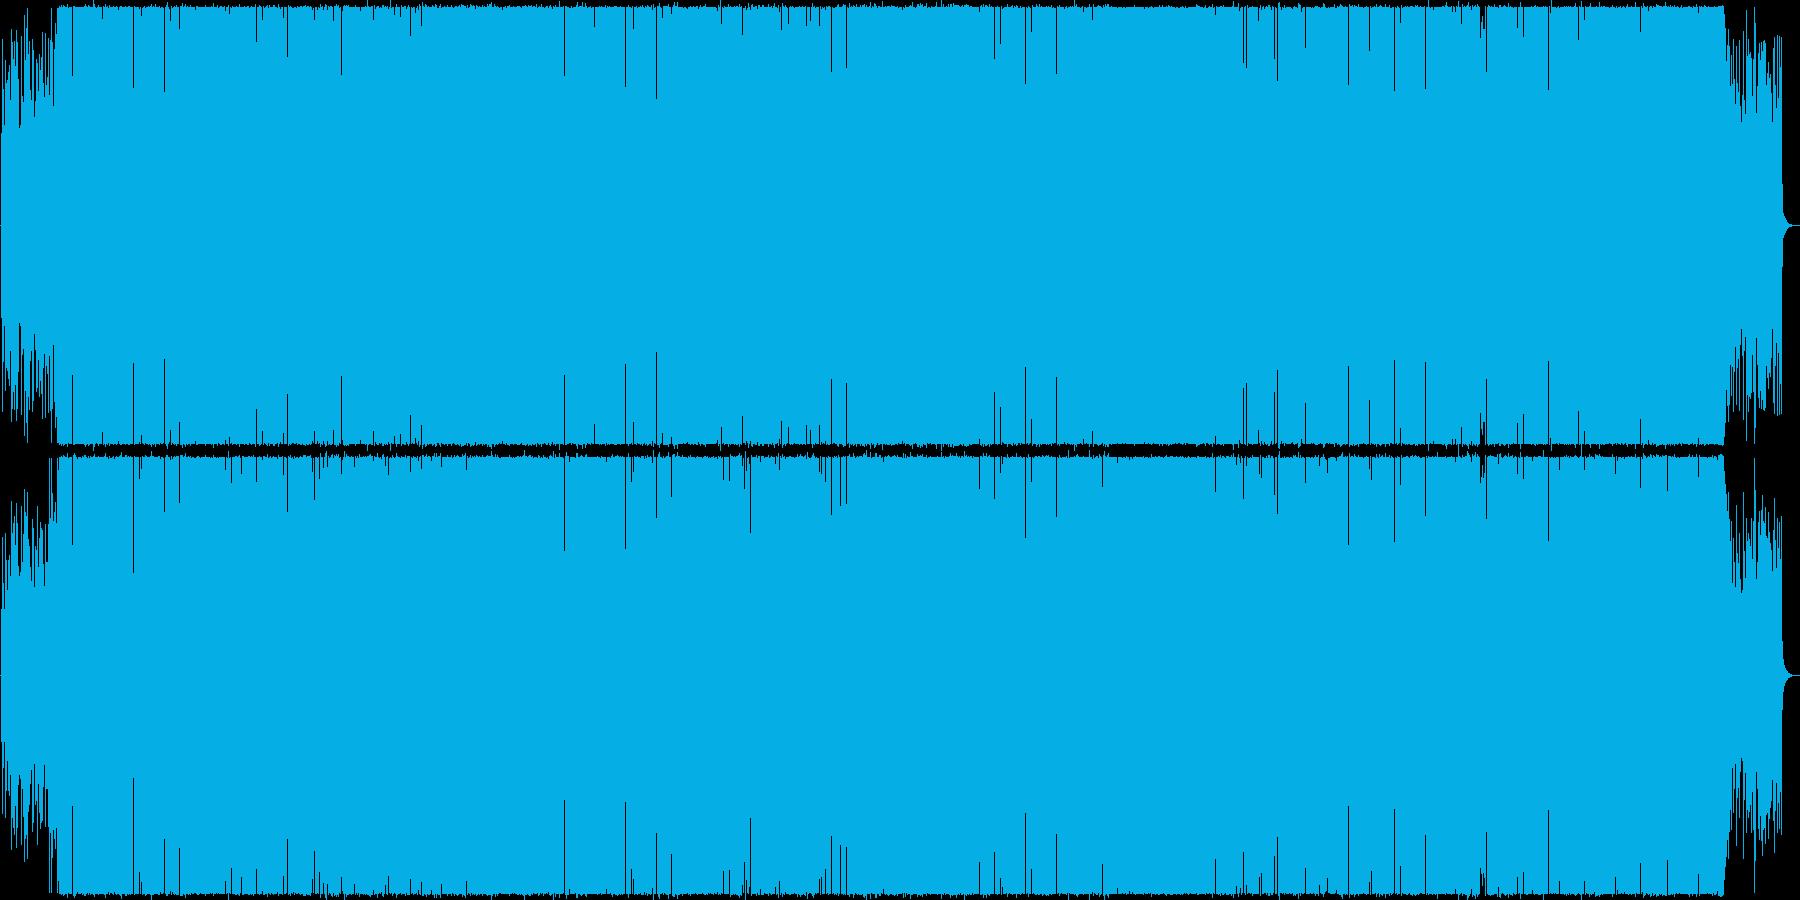 シックでグルーヴィなミクスチャーファンクの再生済みの波形